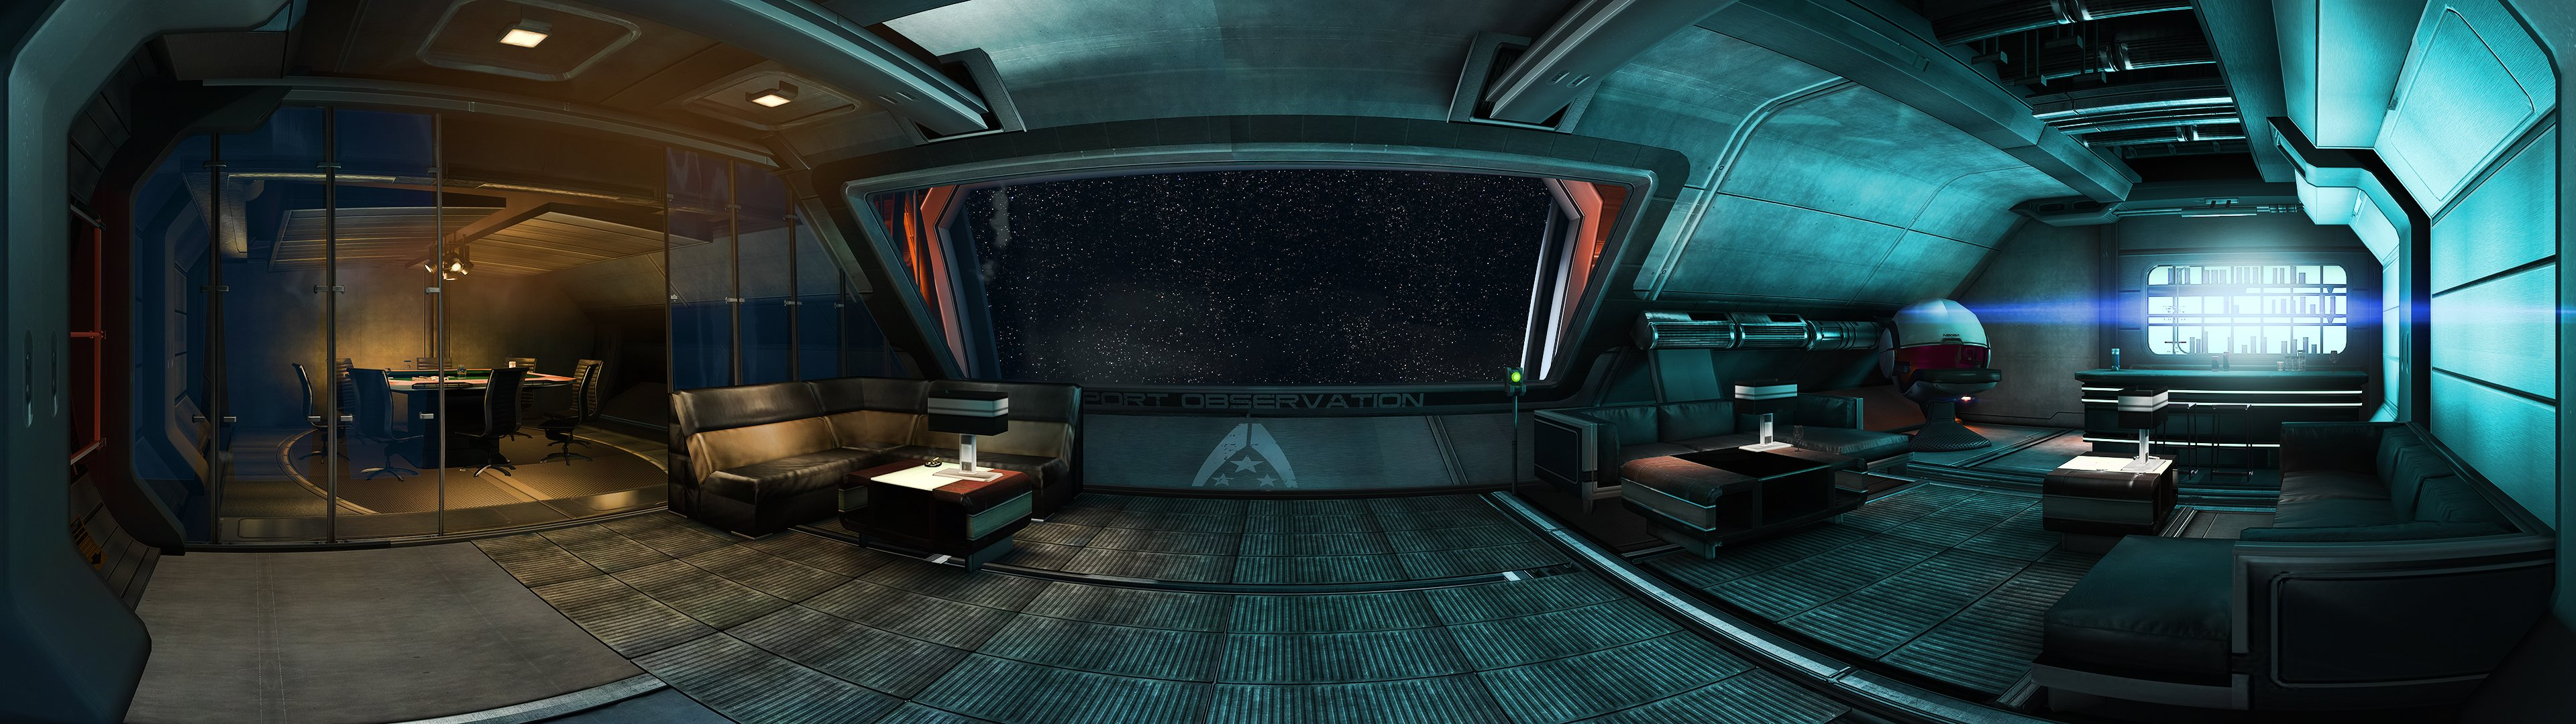 Mass Effect Update Normandy SR 2 3840x1080